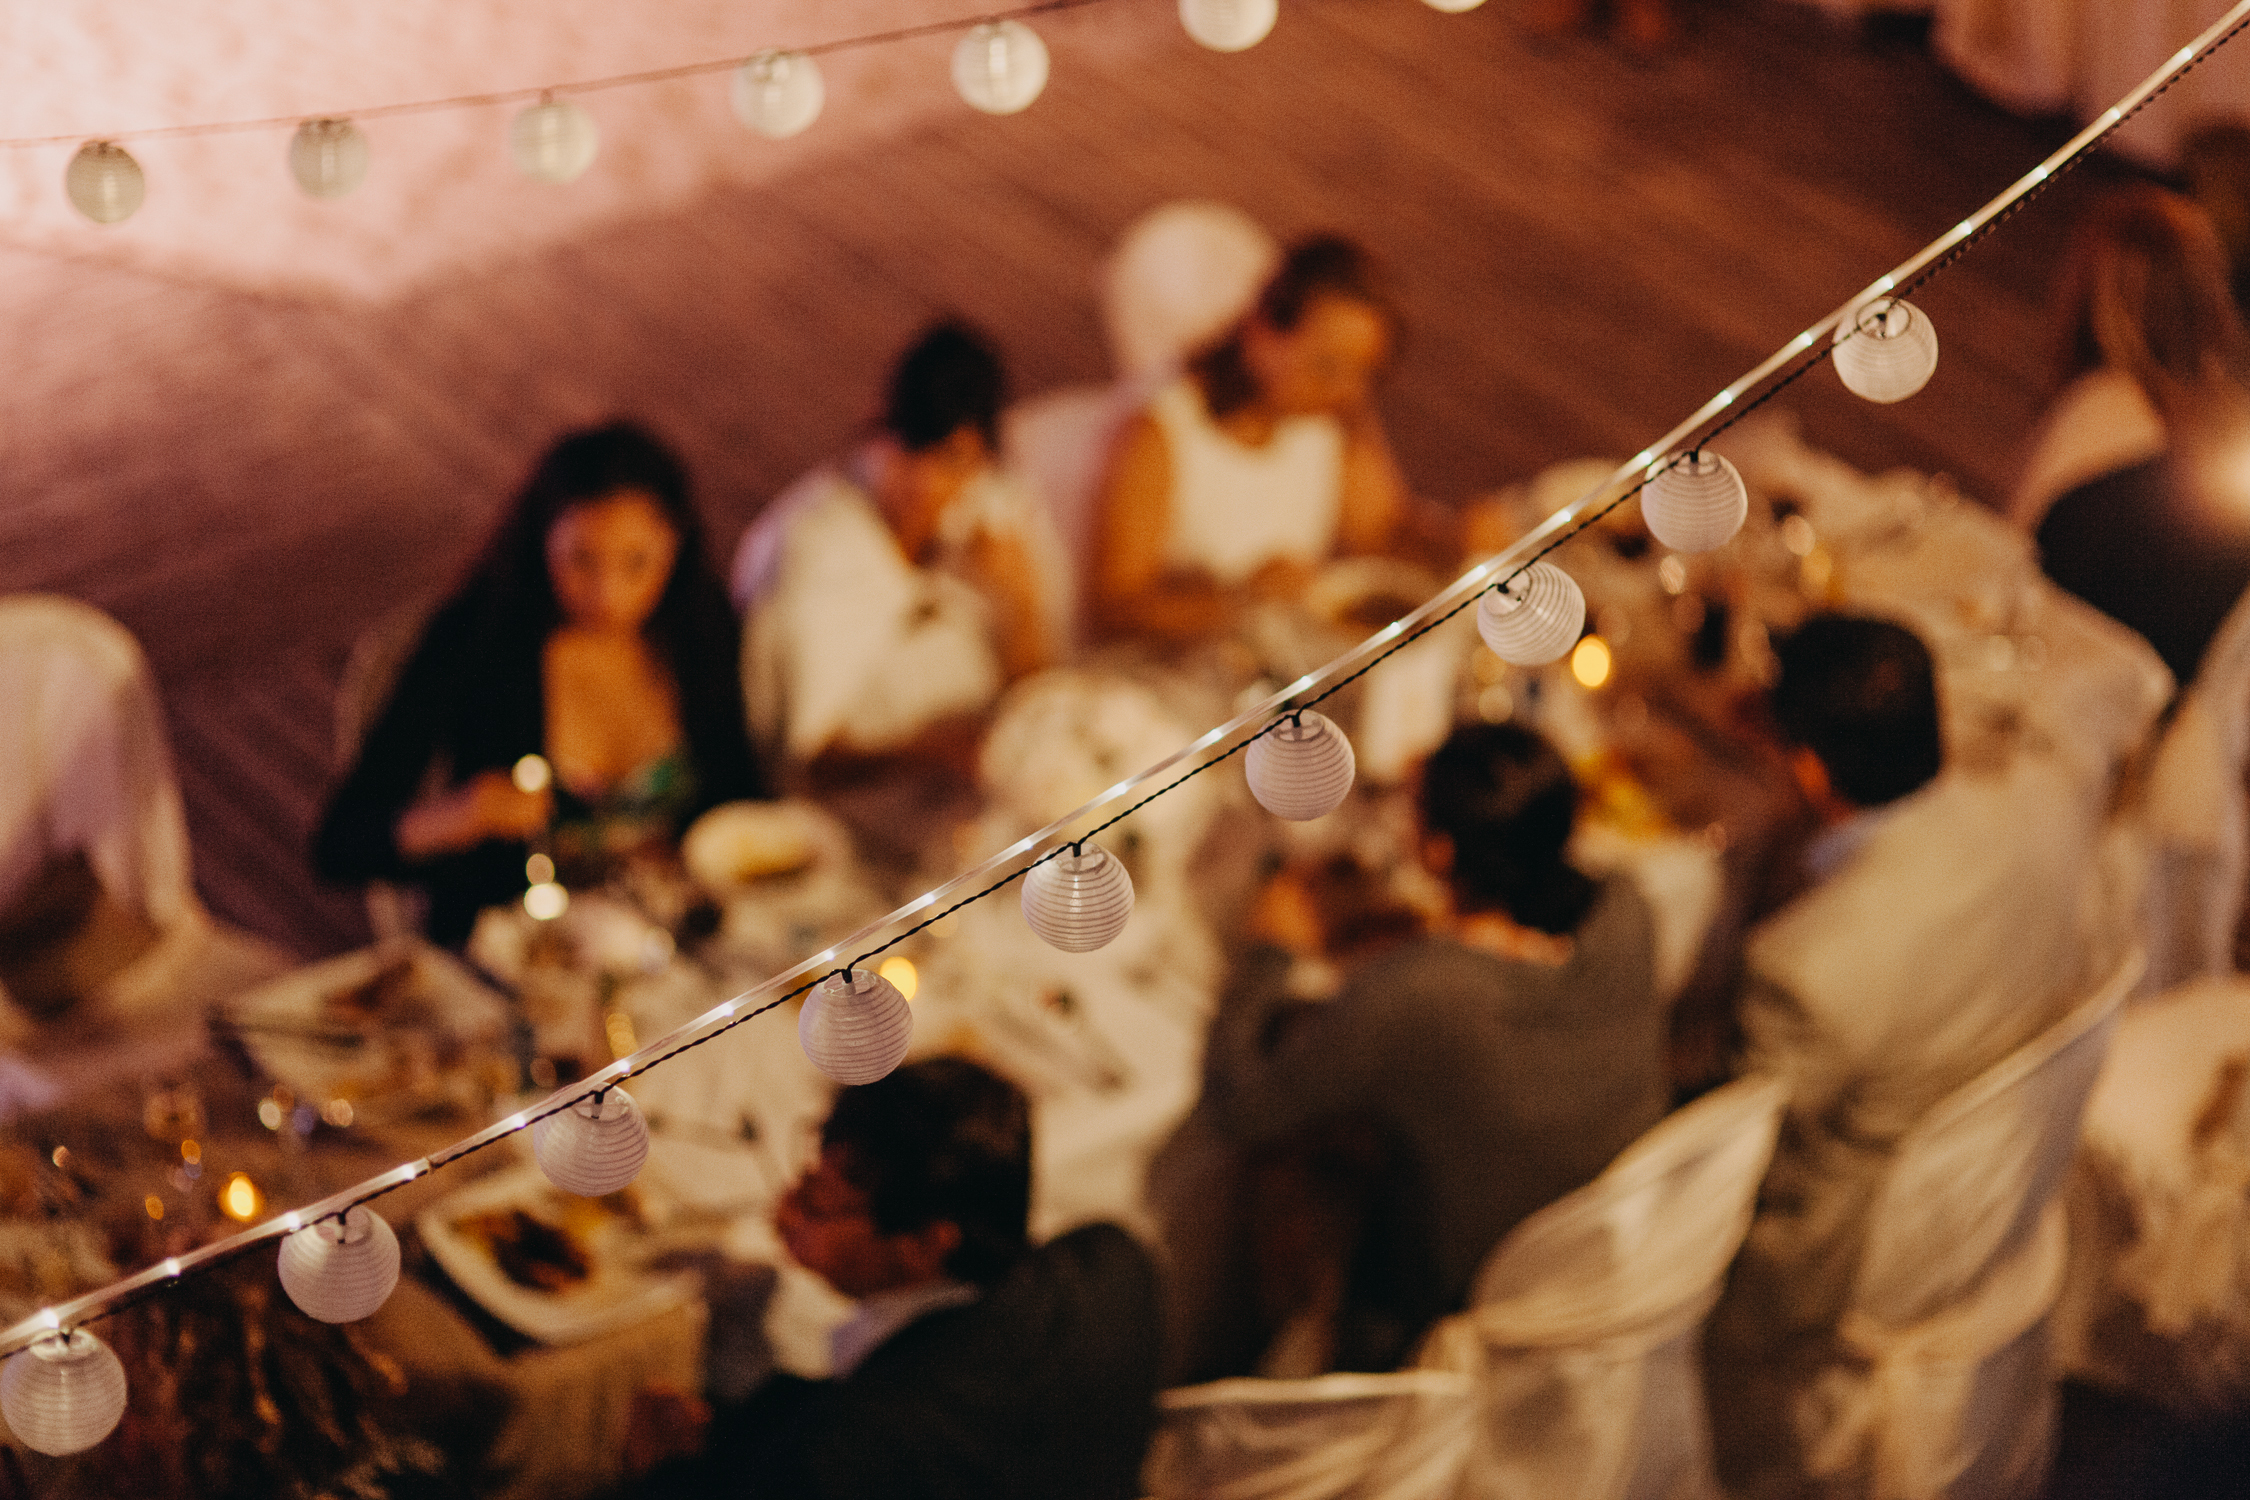 Michelle-Agurto-Fotografia-Bodas-Ecuador-Destination-Wedding-Photographer-Galapagos-Andrea-Joaquin-399.JPG